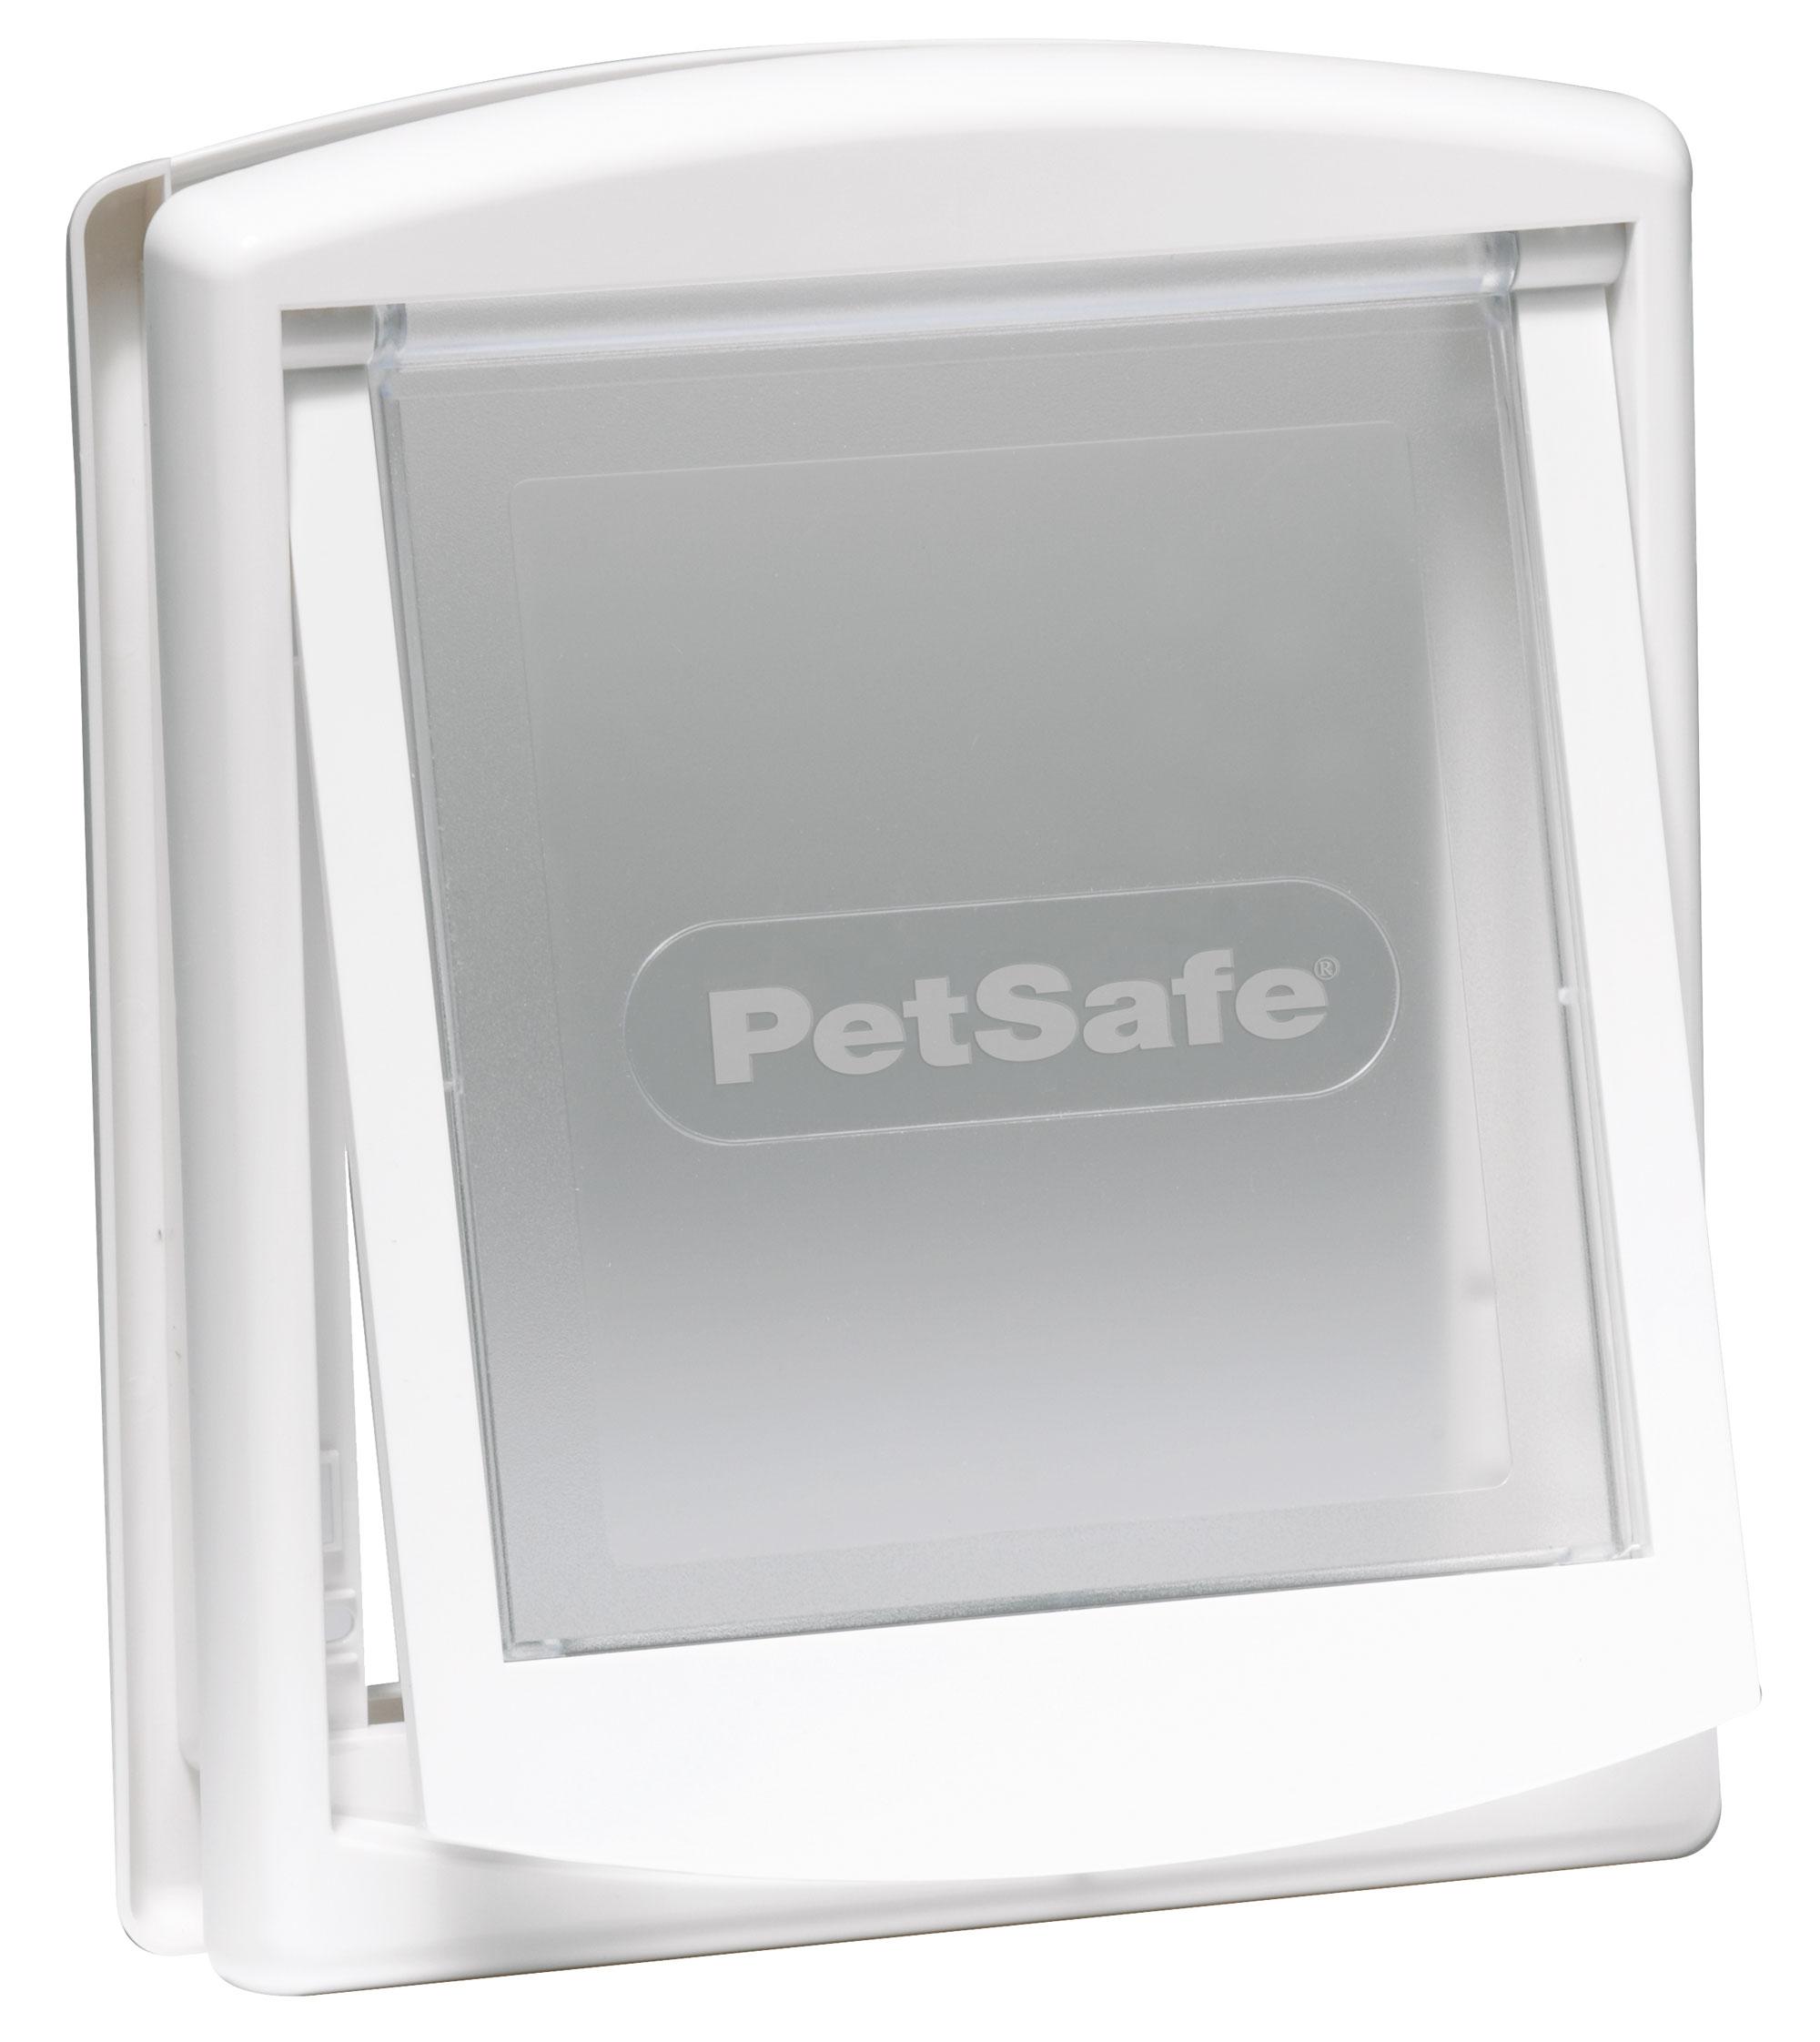 Hundetür / Hundeklappe PetSafe Staywell Original groß 456x386mm weiß Bild 1